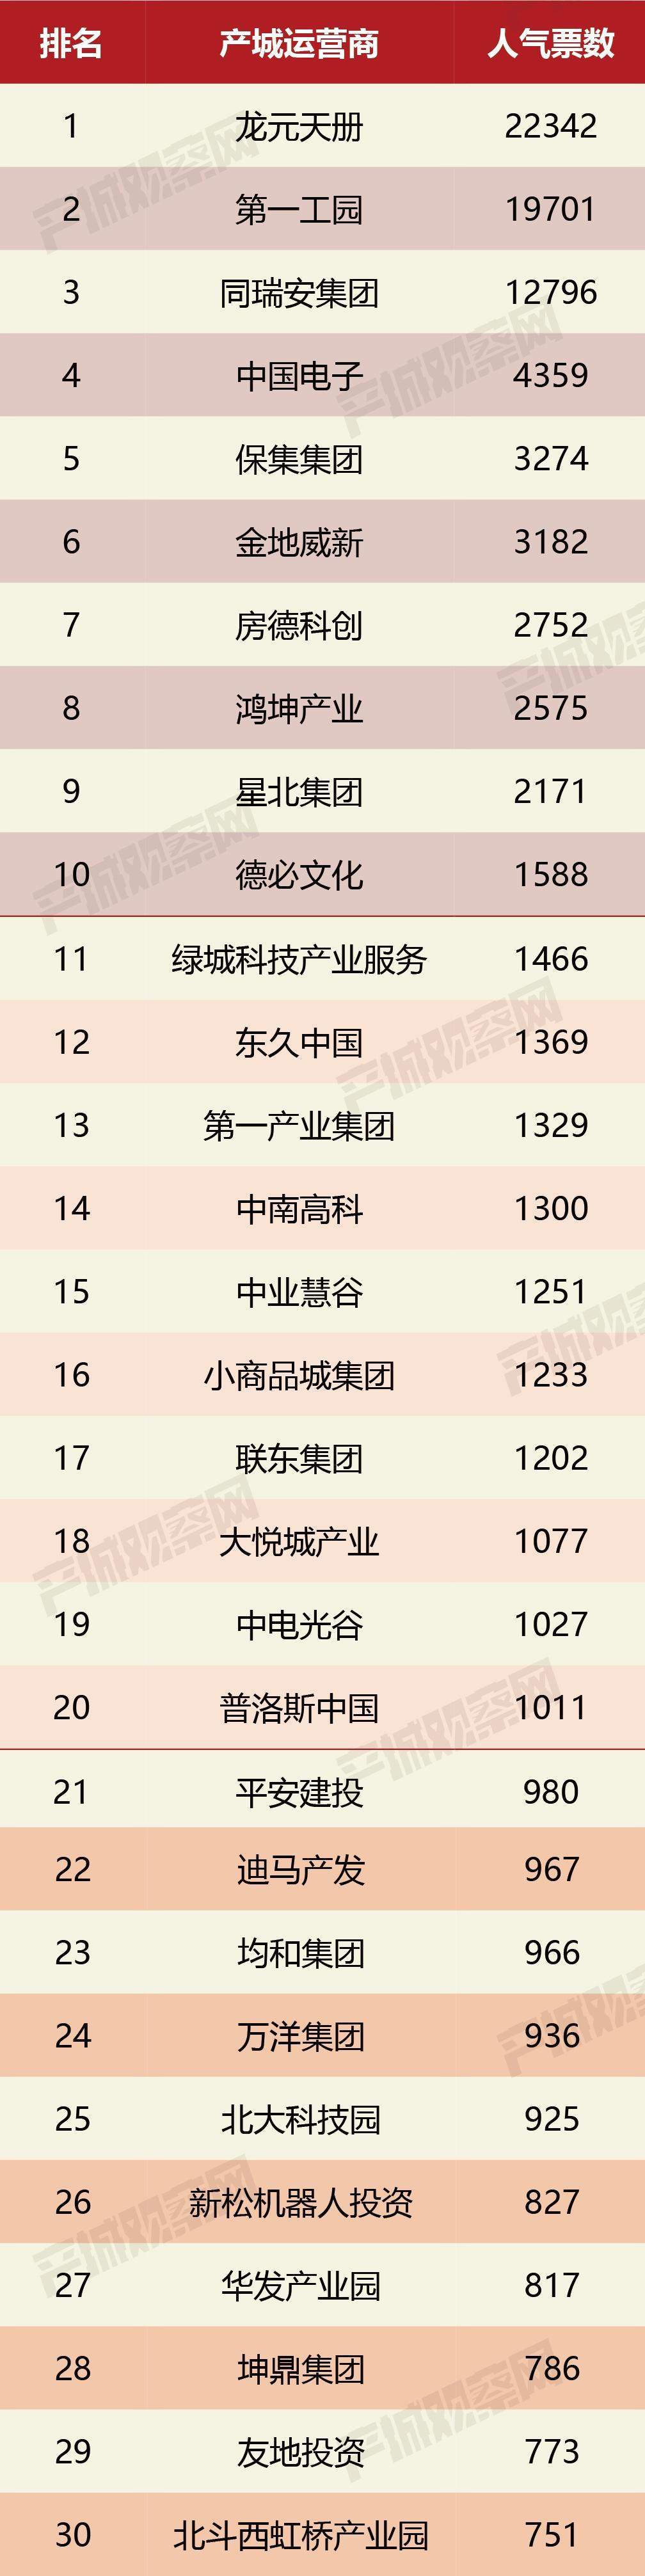 总计十万票竞争激烈]2021中国产业园区运营商人气票选结果公布!龙元天册、第一工园、同瑞安集团位列前三甲